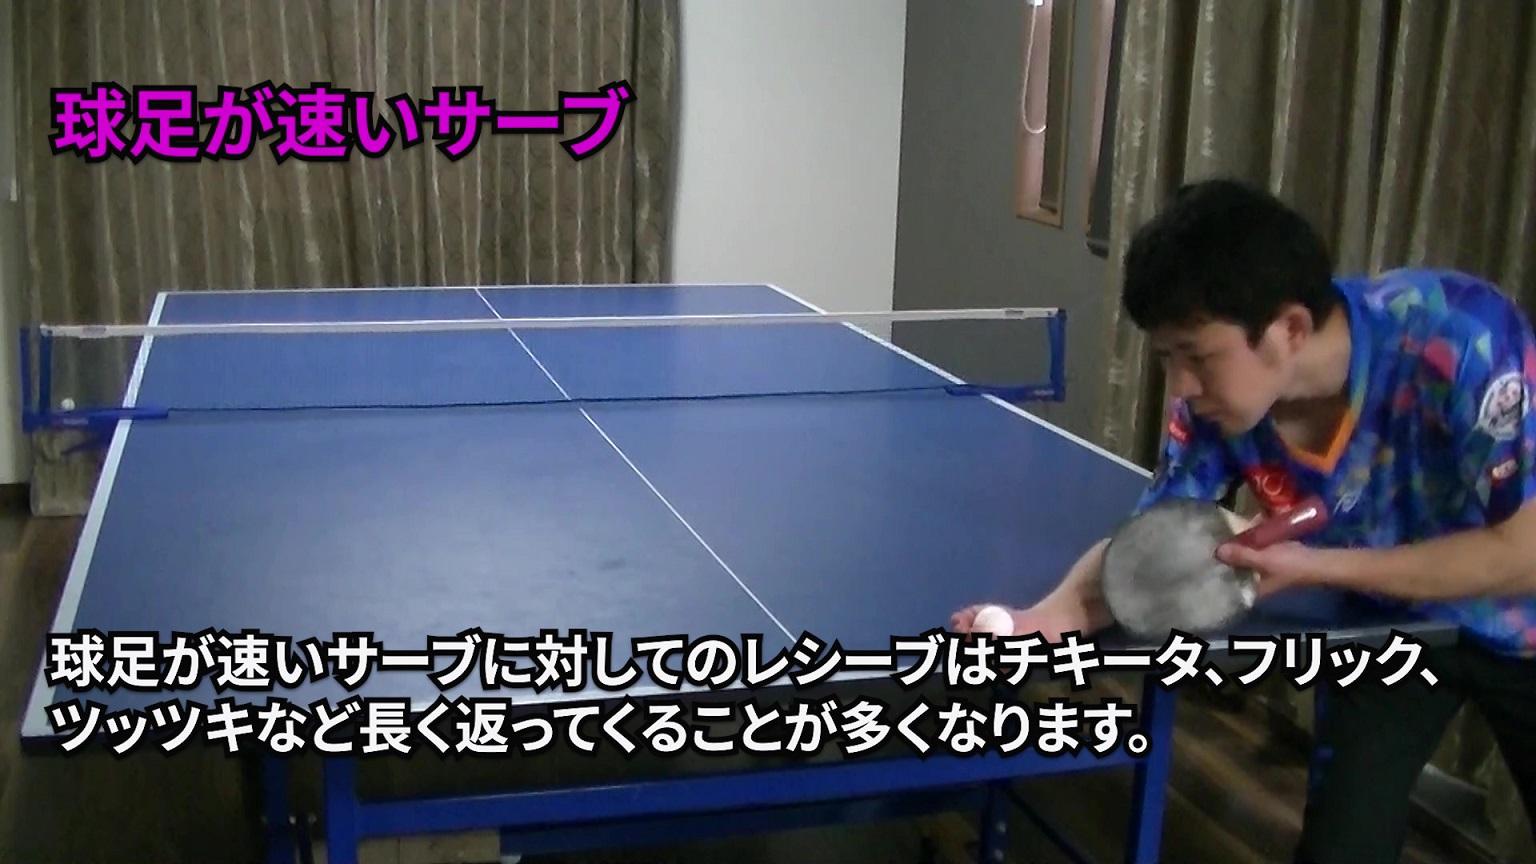 【卓球サーブ/動画】サーブの球足について